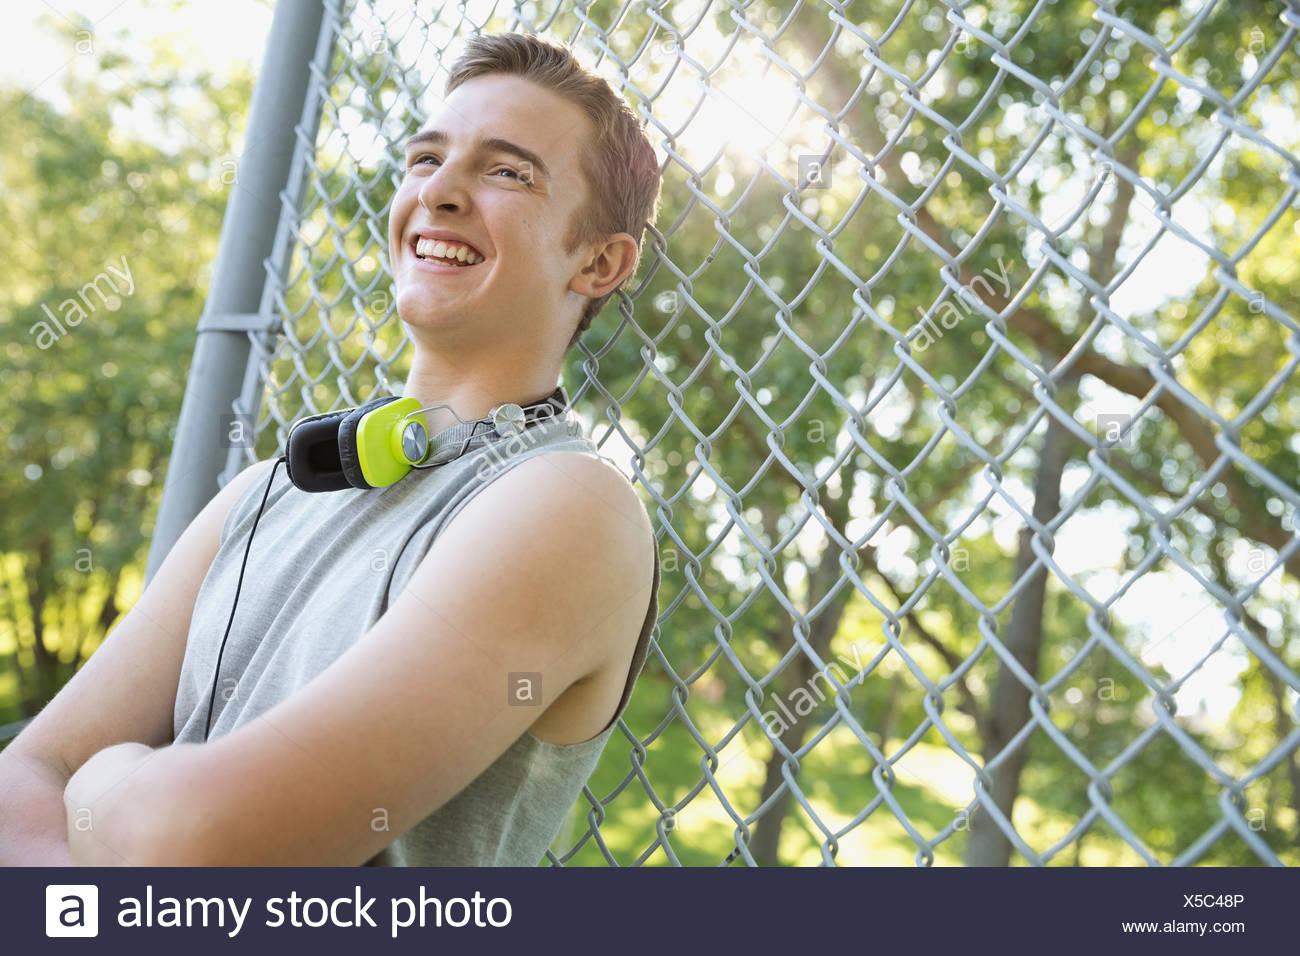 Adolescente sonriente apoyado en cercado de cadenas Imagen De Stock